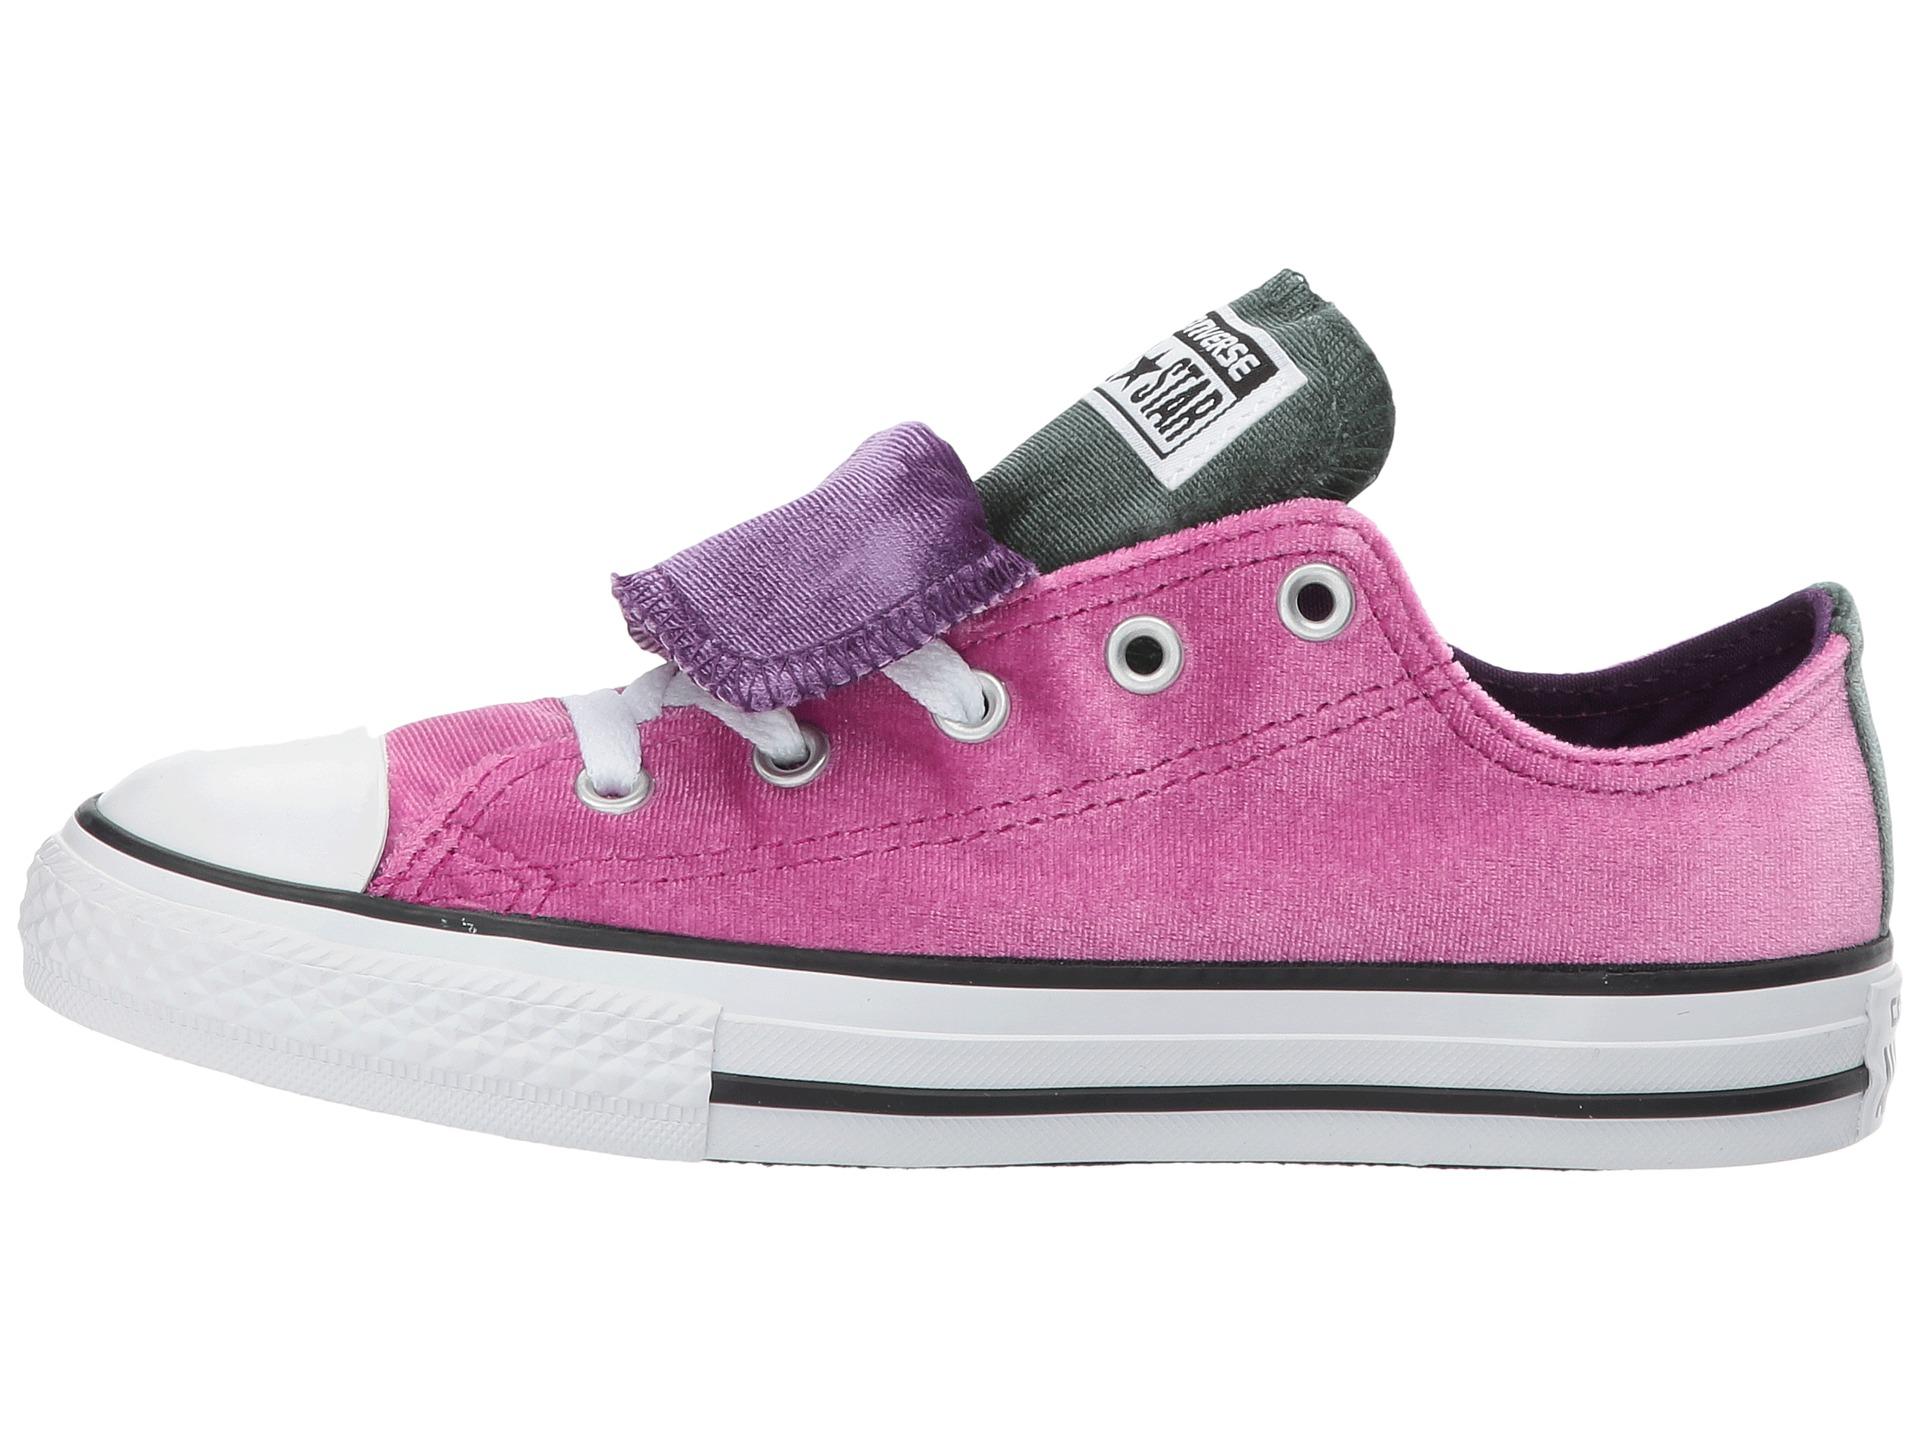 Converse All Star Little Kid Shoe Cchart